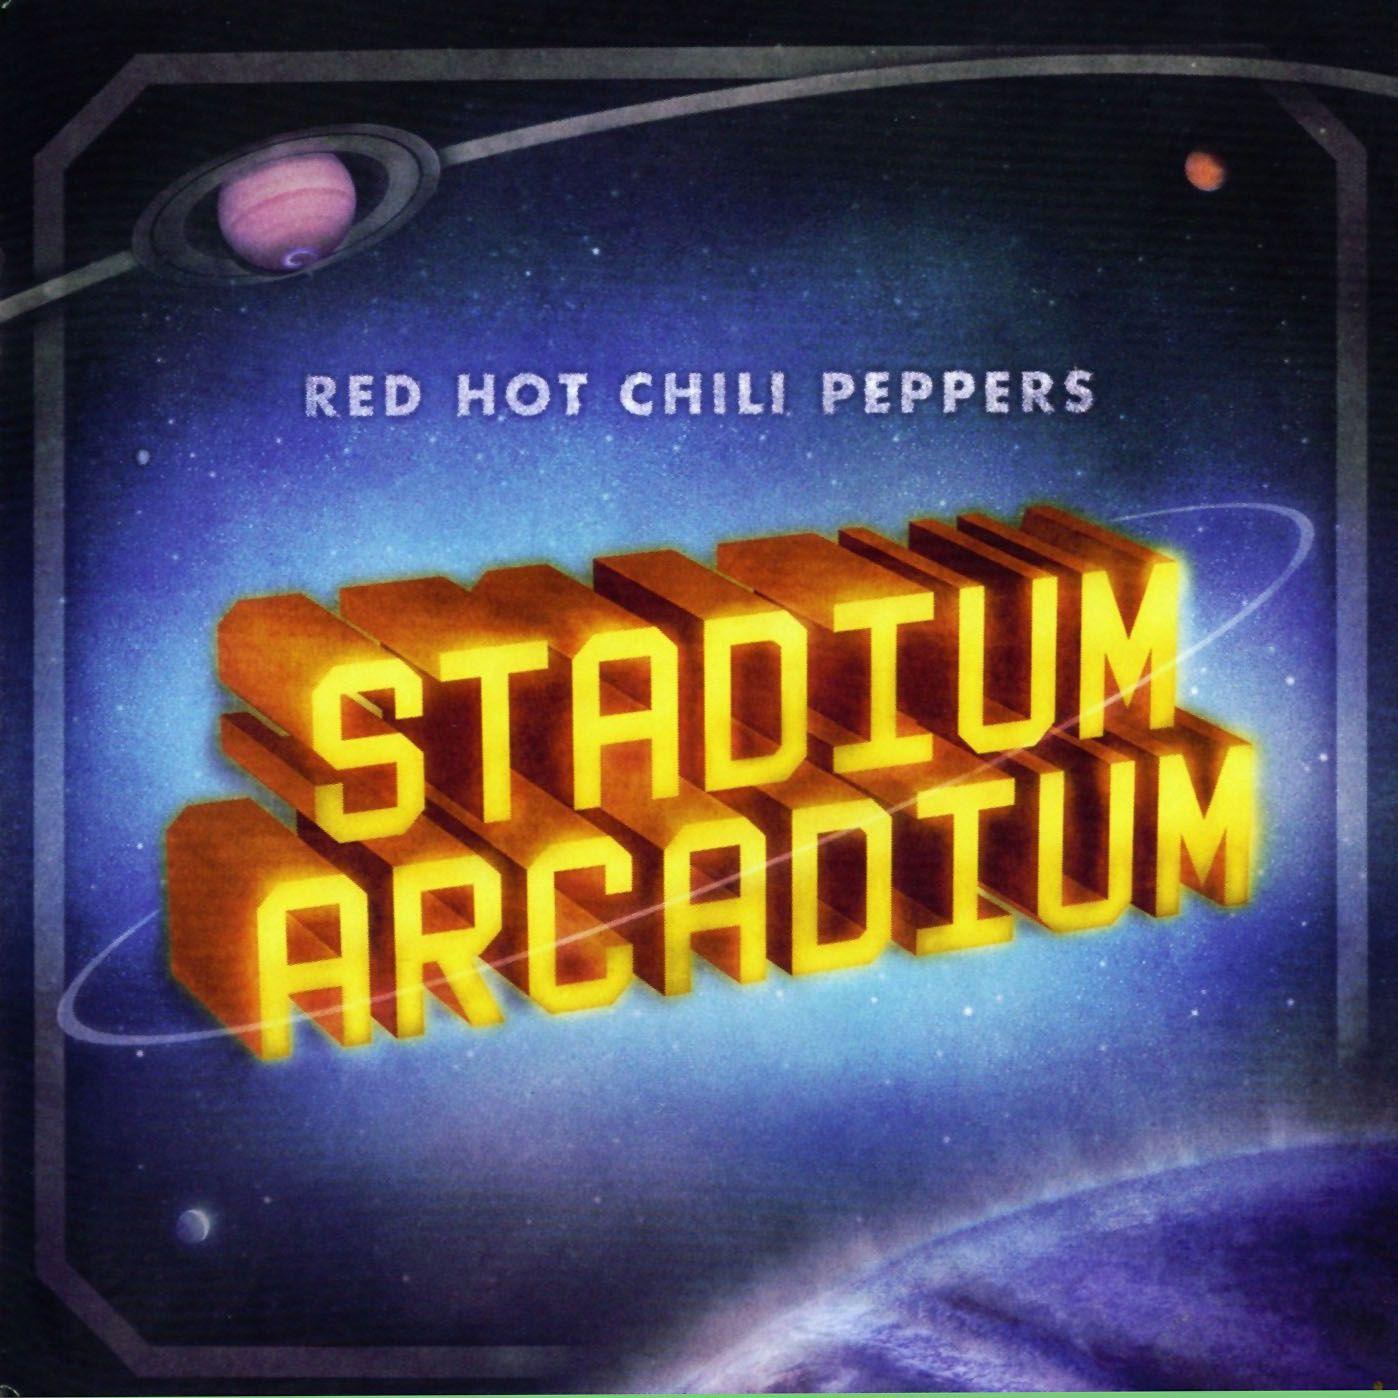 Red Hot Chili Peppers - Stadium Arcadium album cover